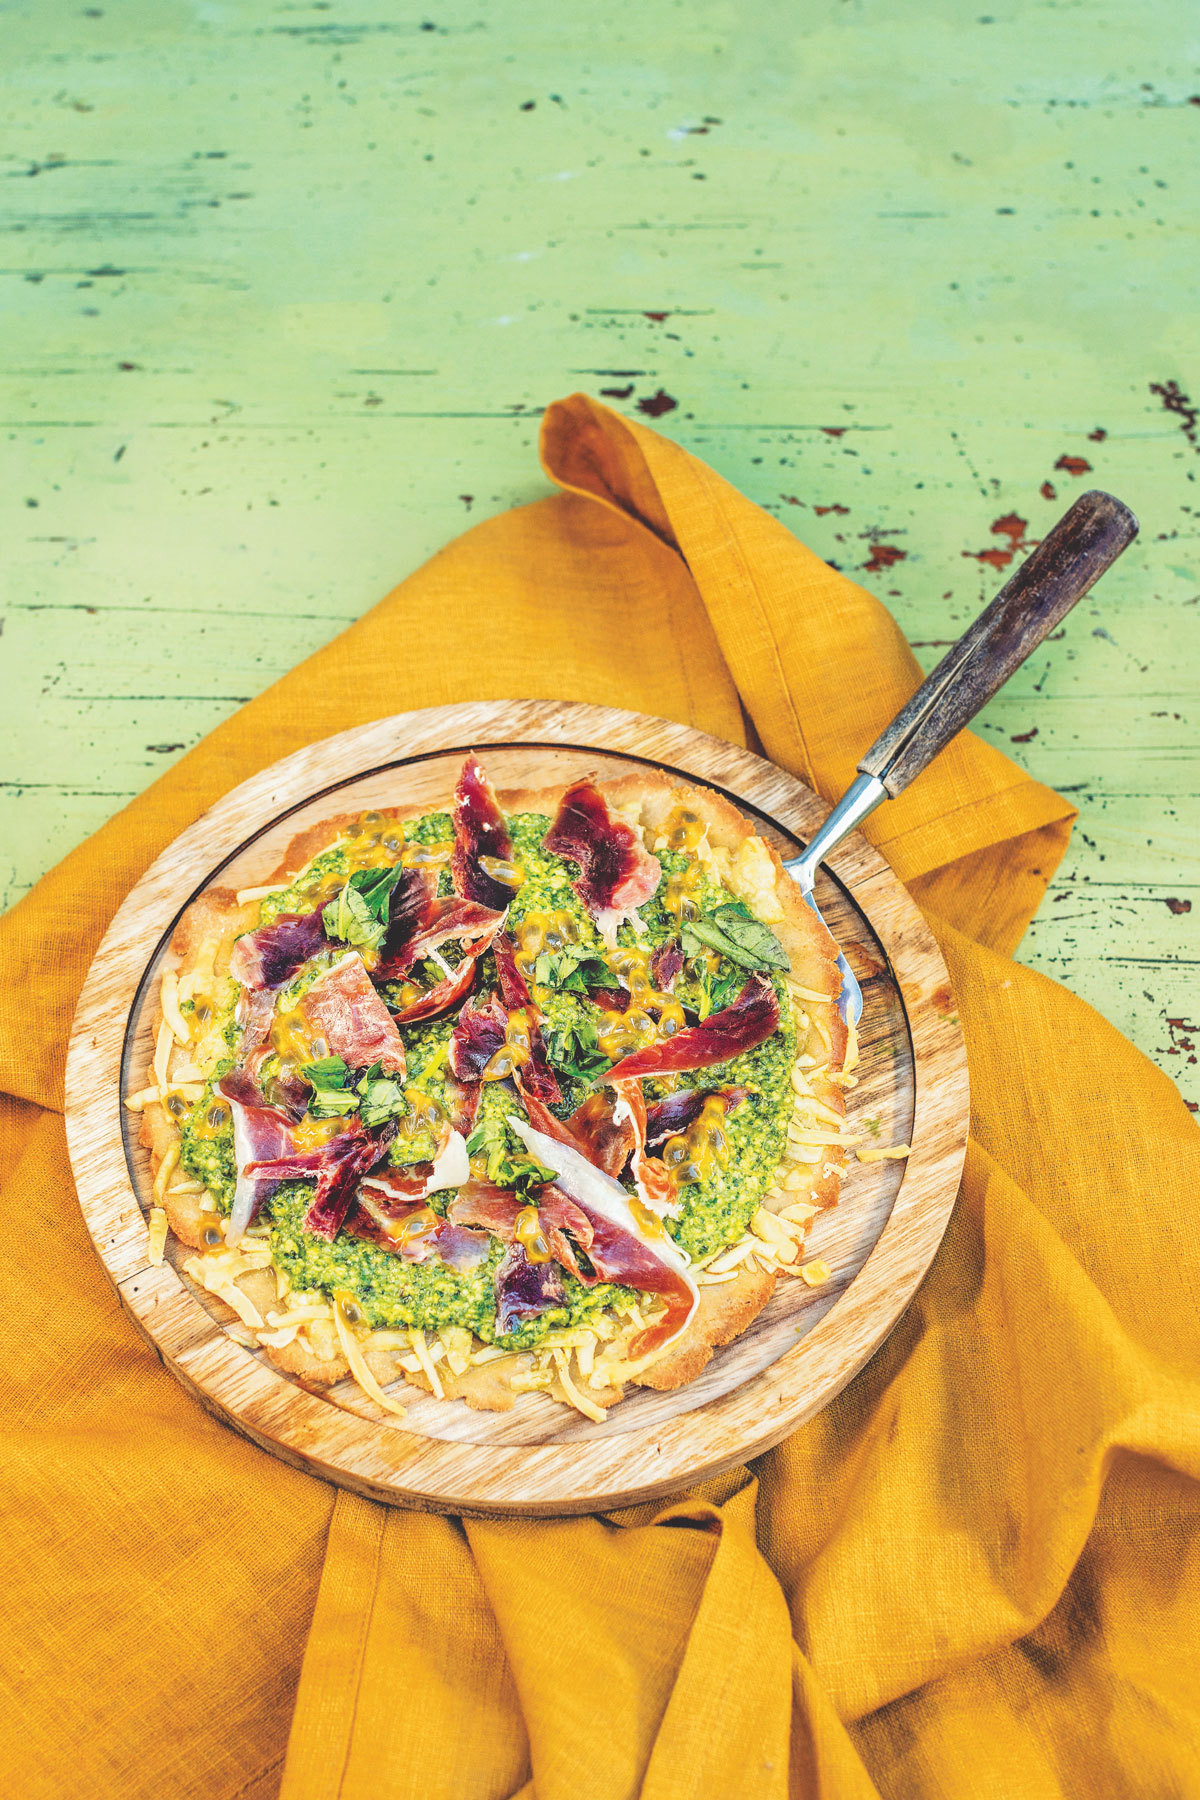 Pizza con pesto, maracuyá y jamón ibérico